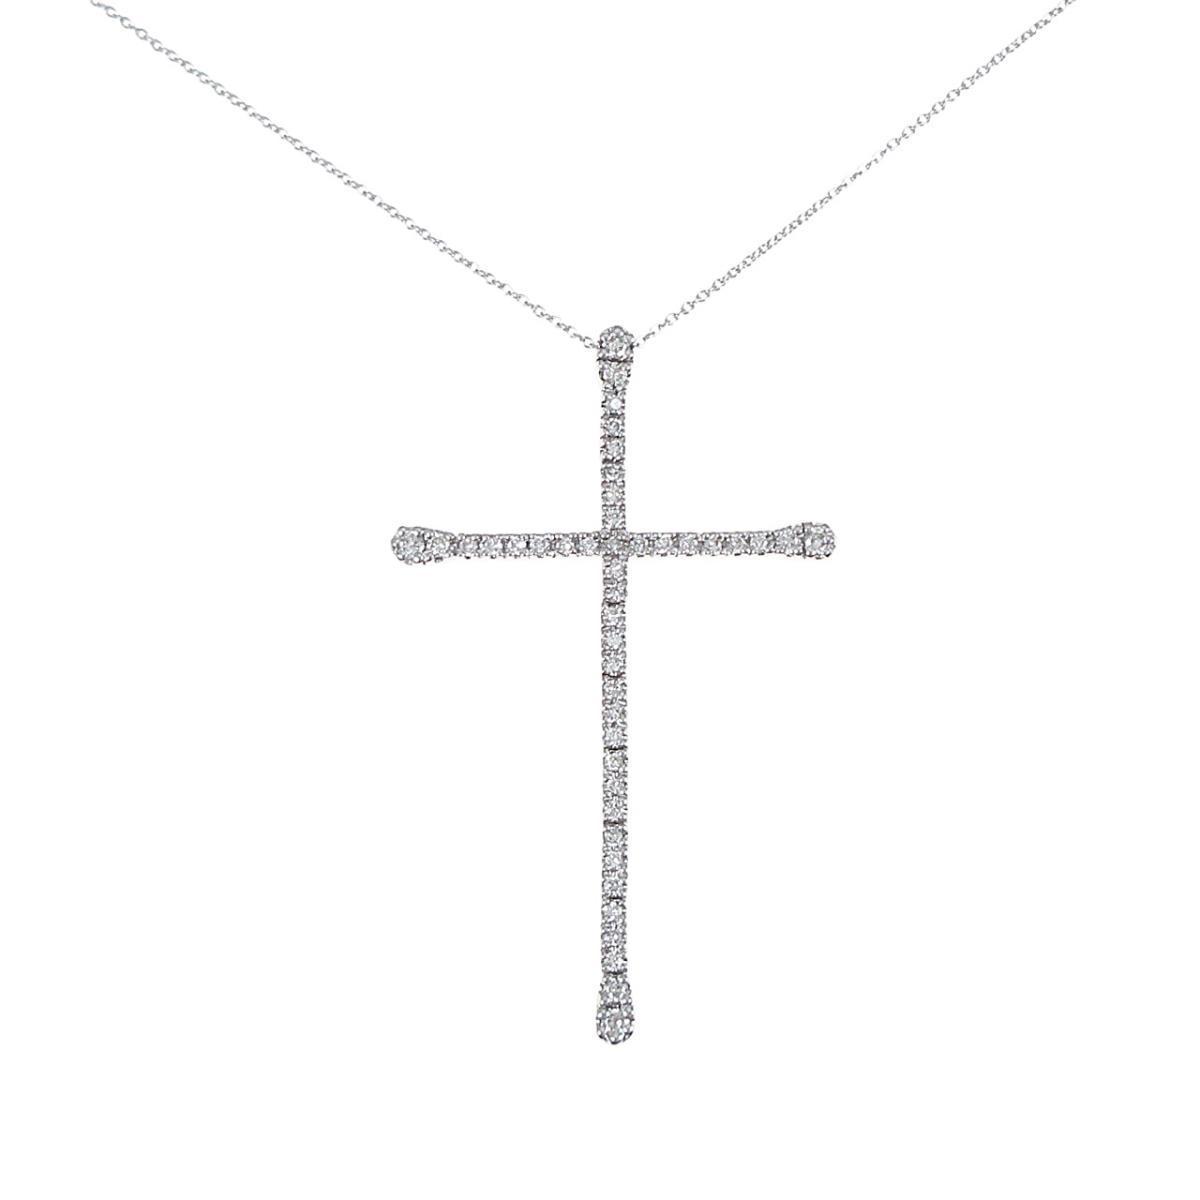 K18WG クロス ダイヤモンドネックレス【中古】